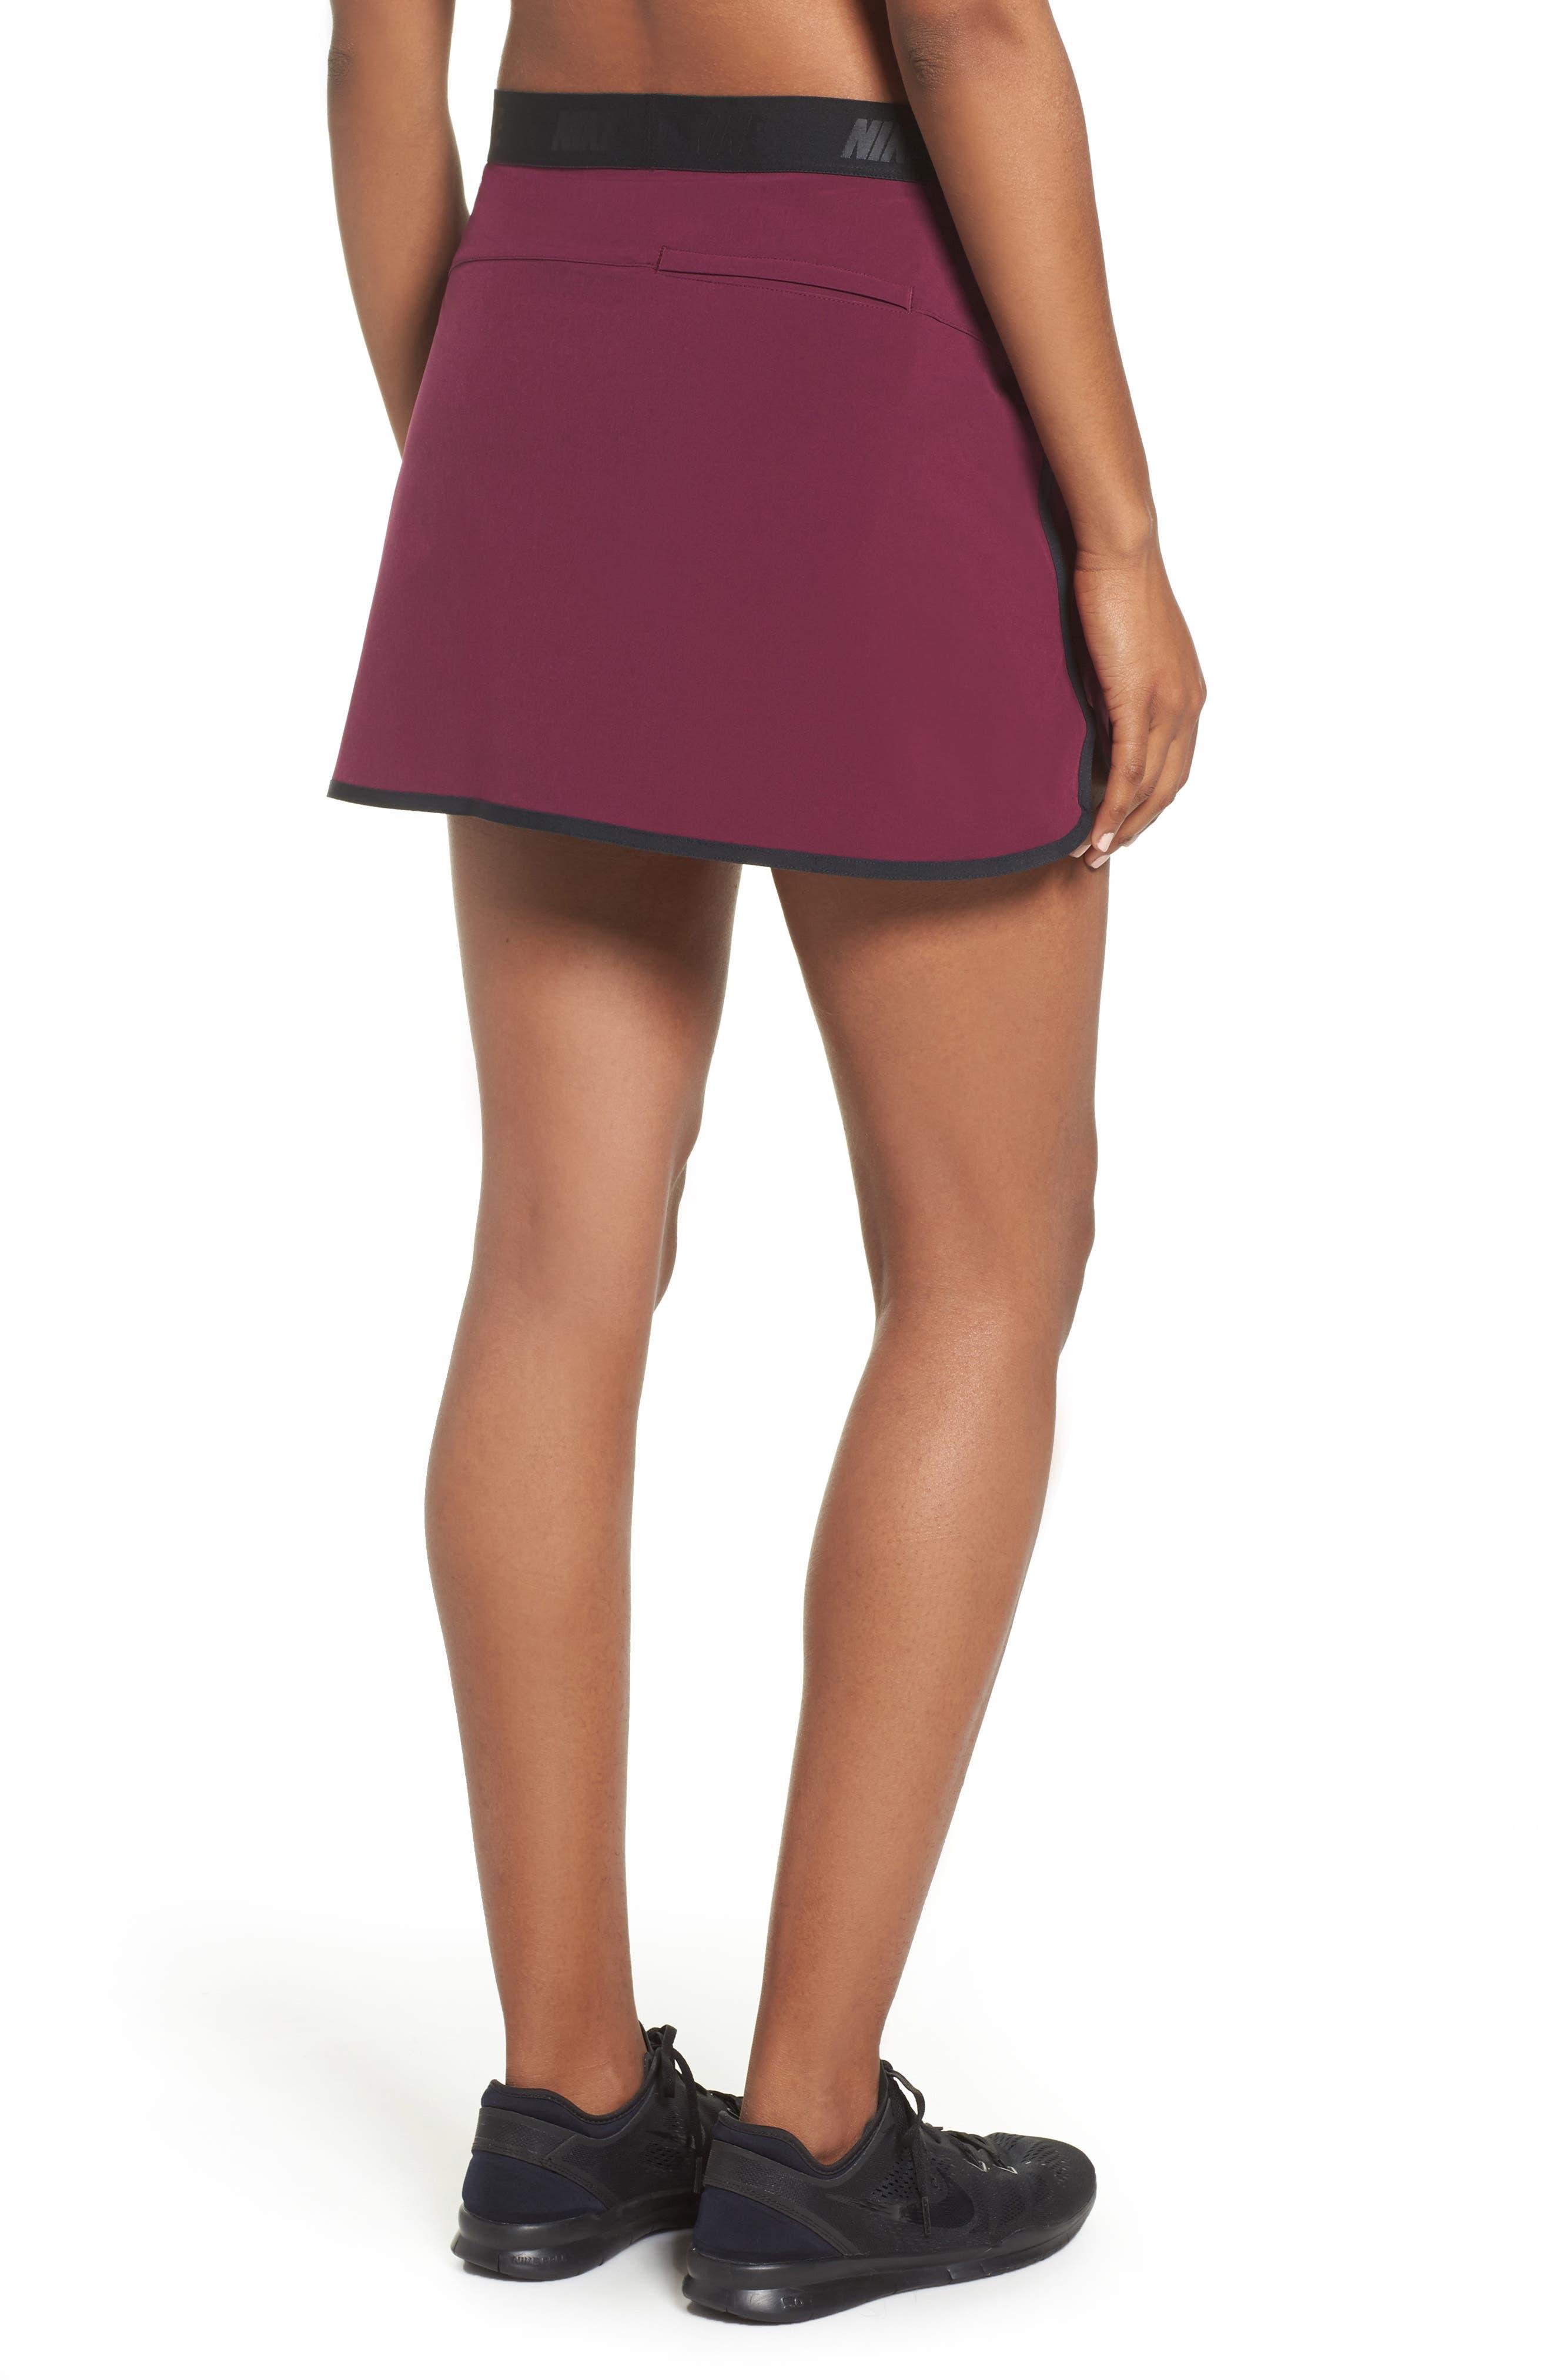 Flex Tennis Skirt,                             Alternate thumbnail 2, color,                             Burgundy